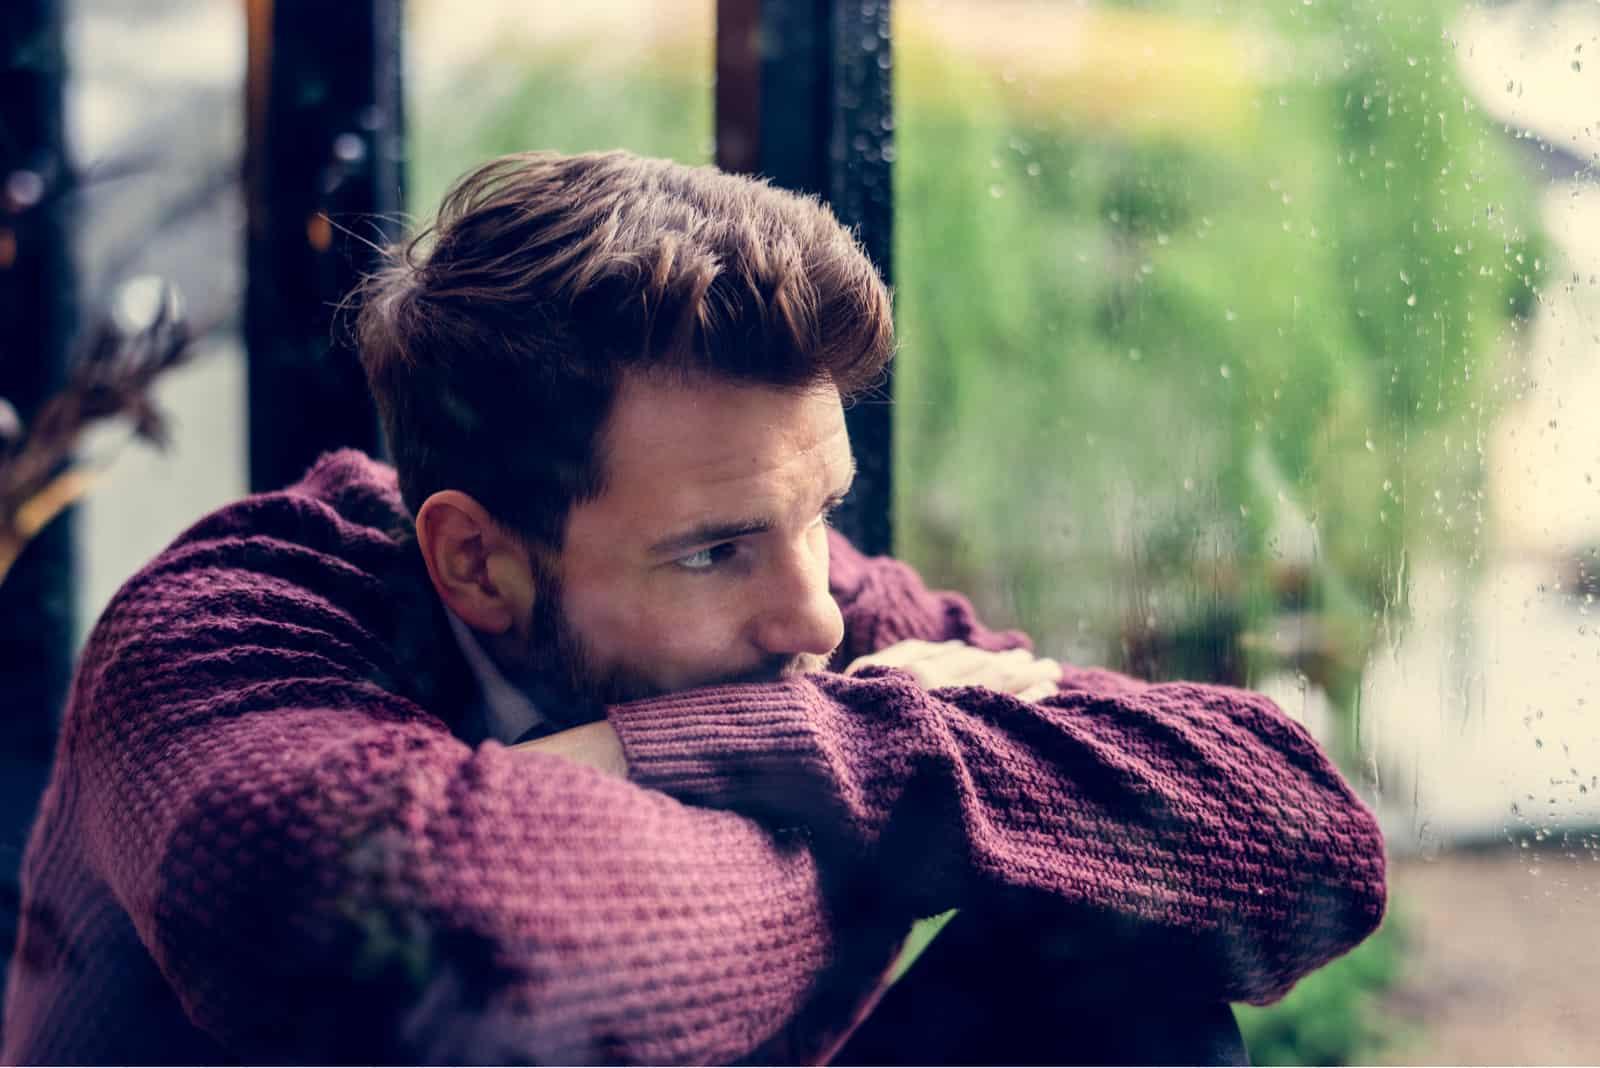 un homme assis près de la fenêtre